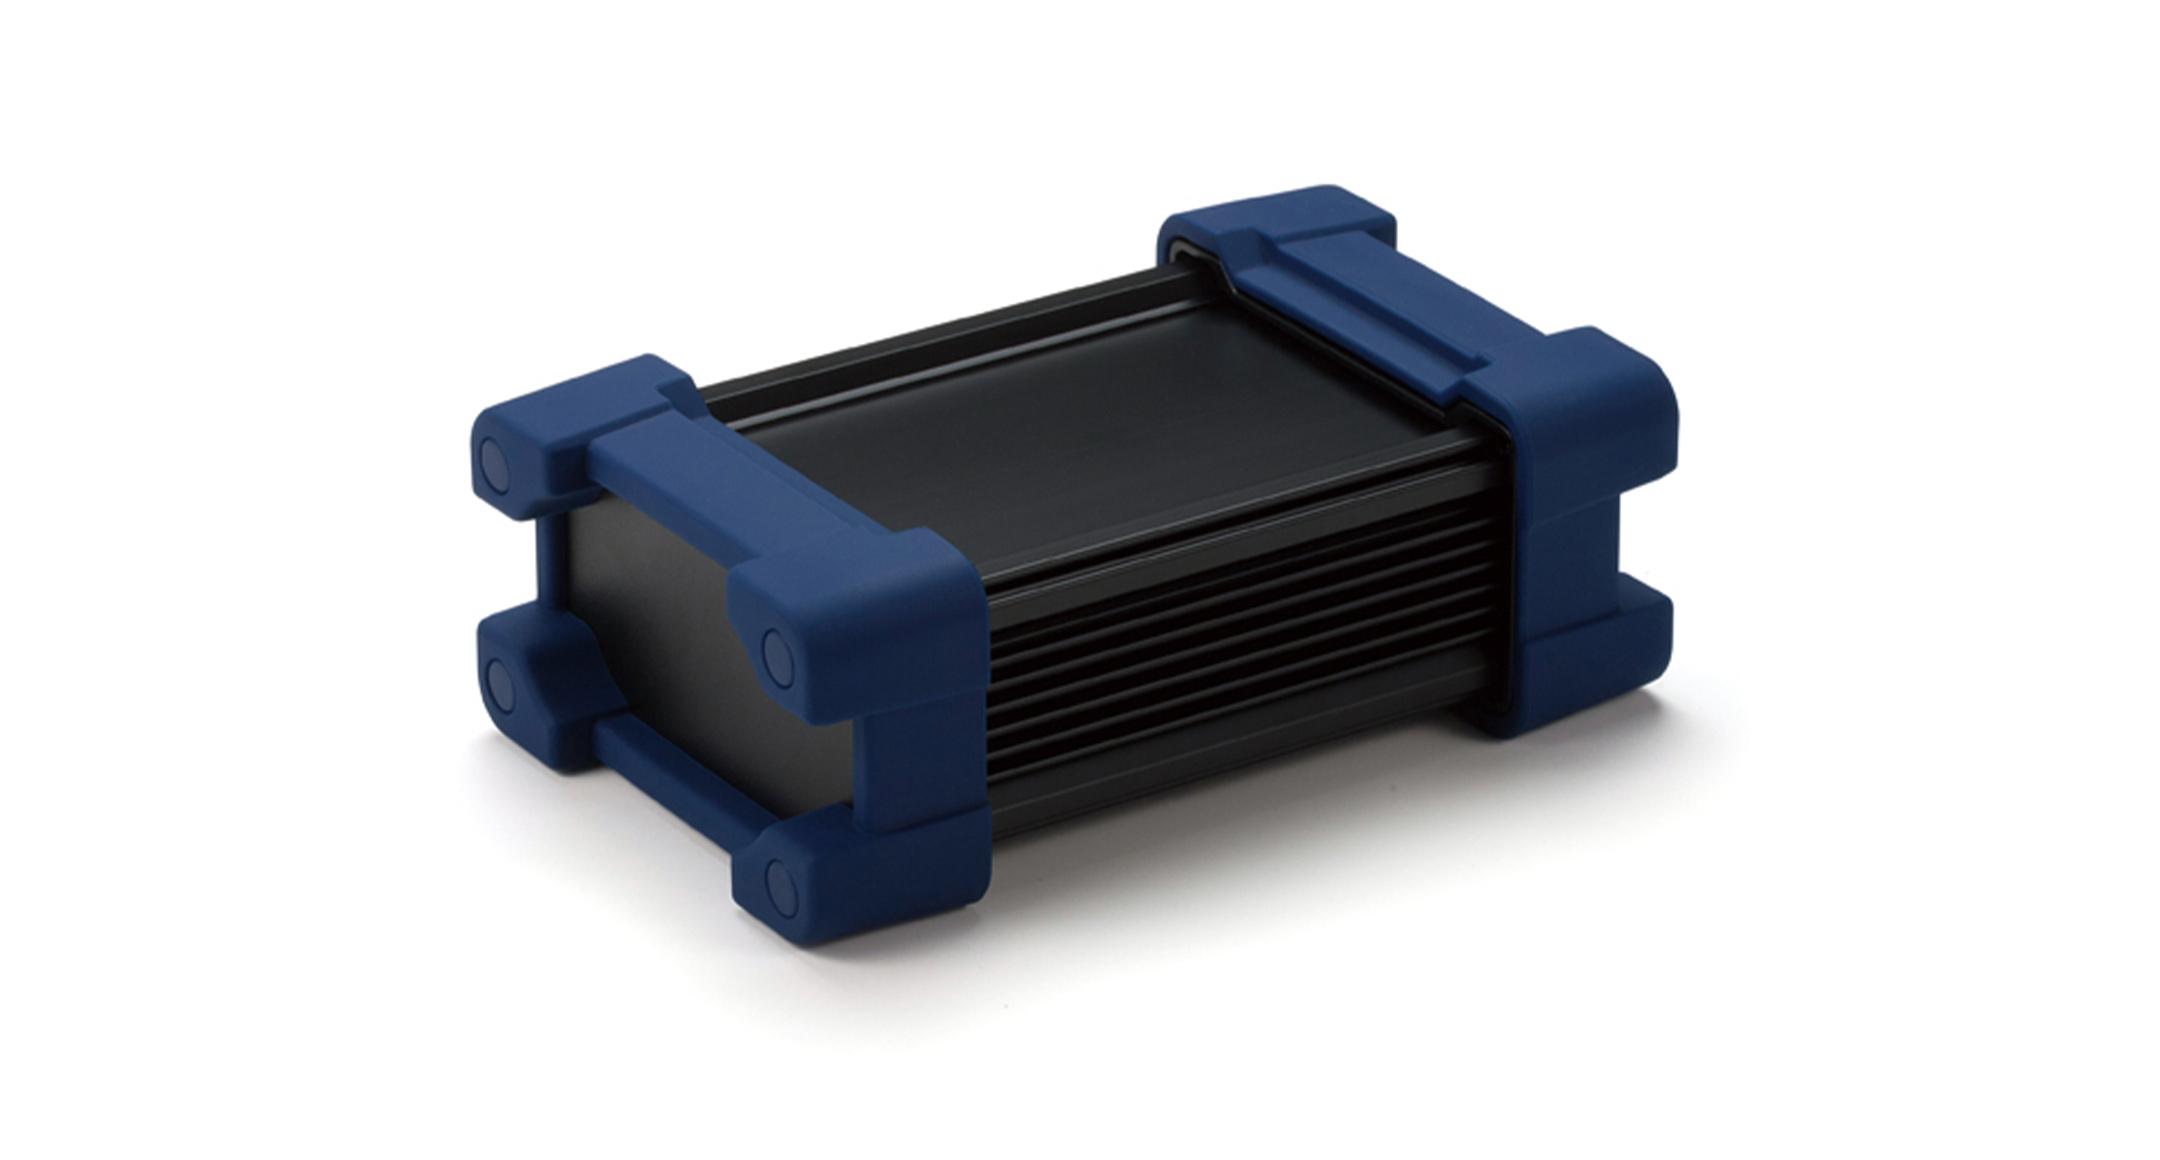 プロテクター付防水アルミケース AWPシリーズ:ブラック/ネイビーの画像